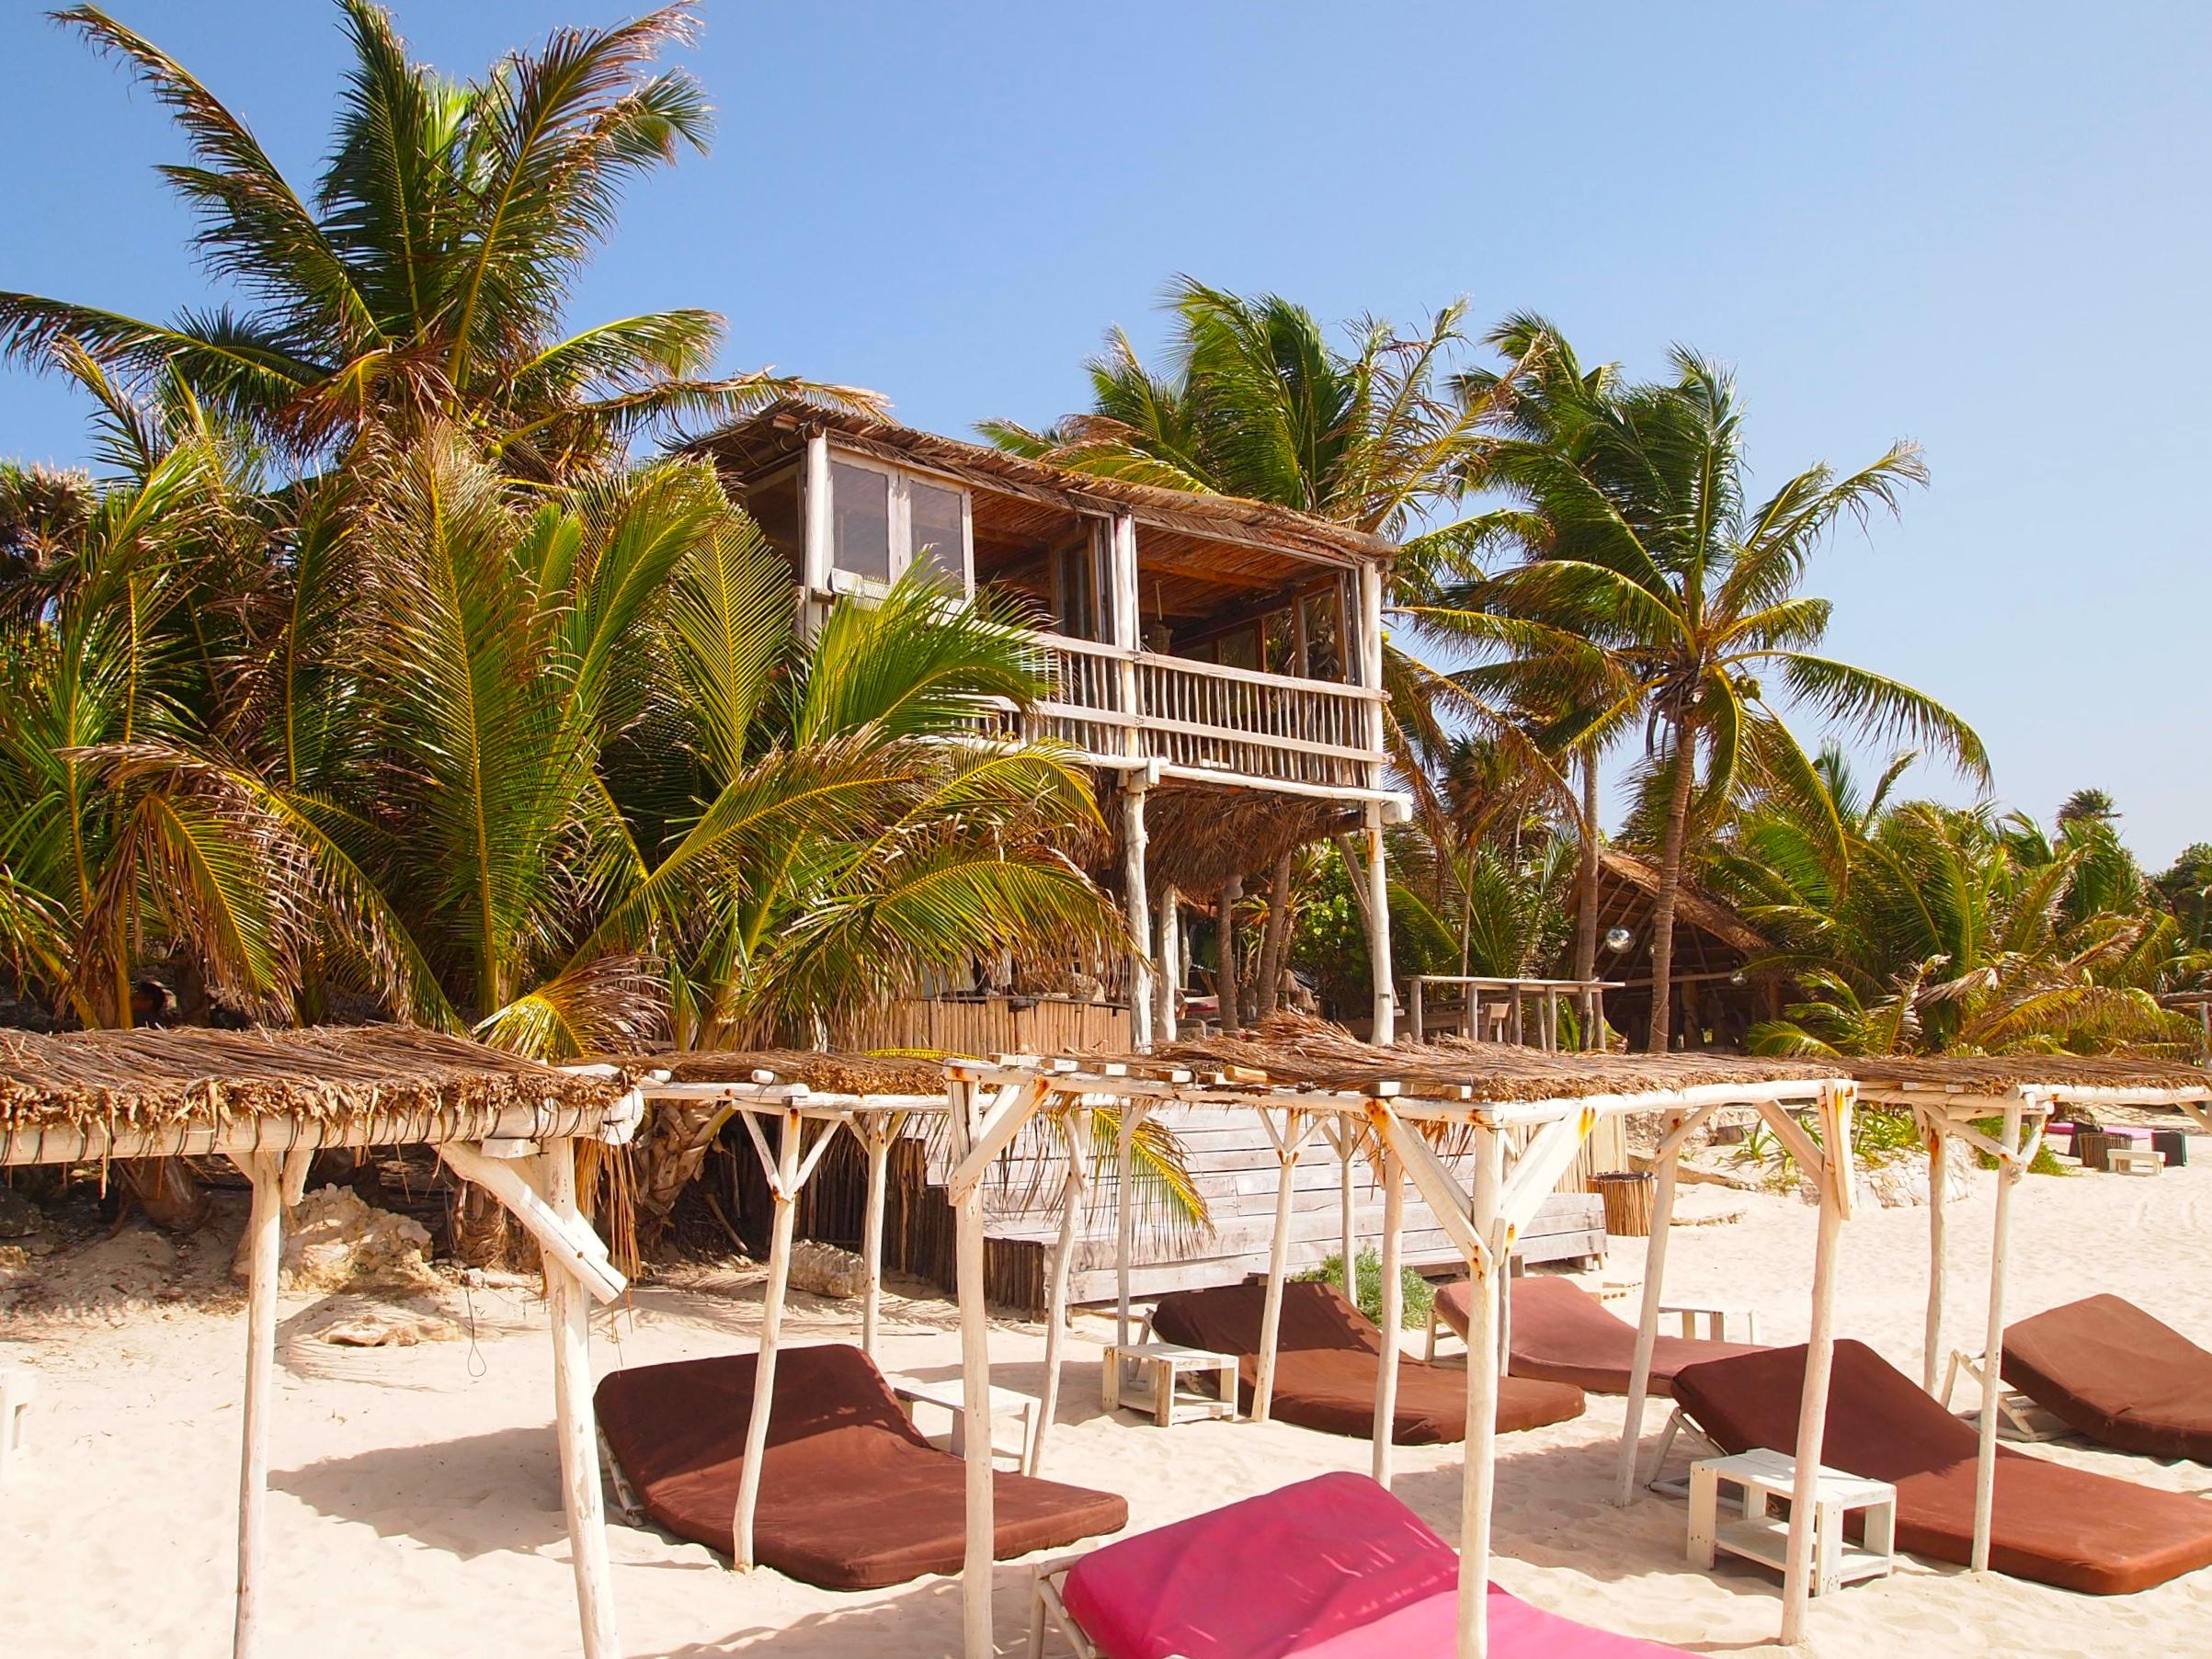 Mexico. Beach club at Papaya Playa Project.